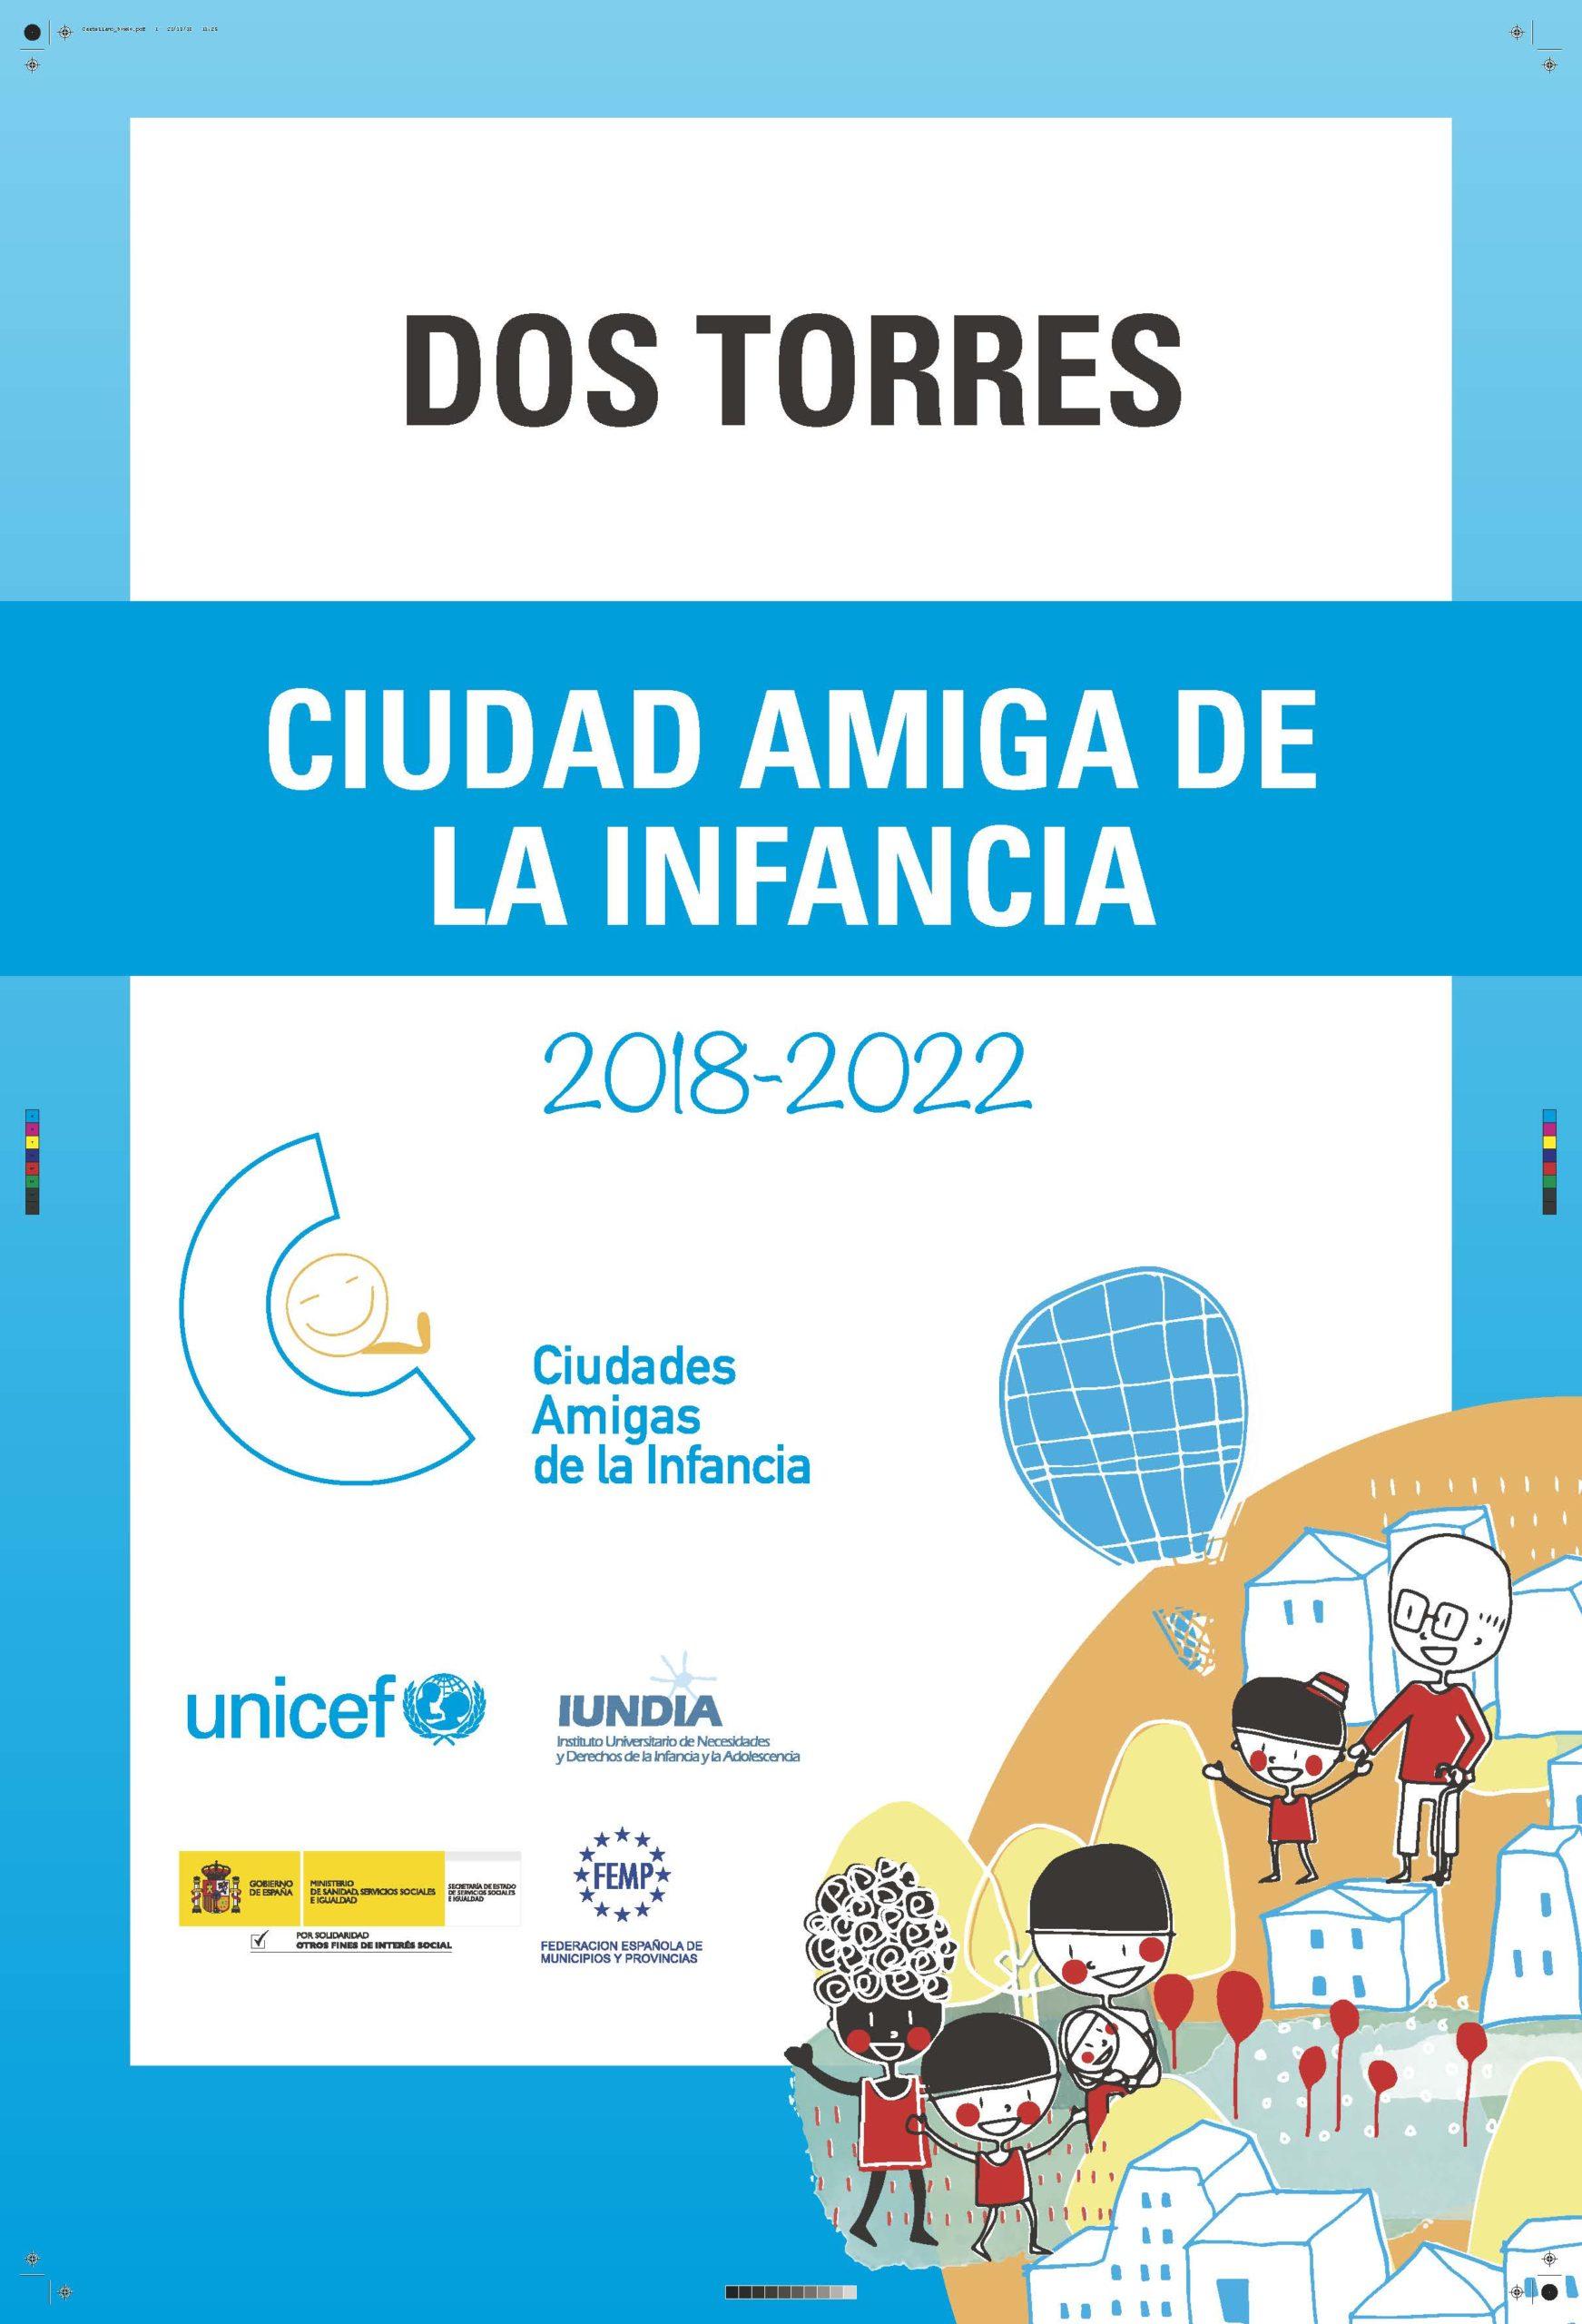 DOS TORRES CIUDAD AMIGA DE LA INFANCIA 2022